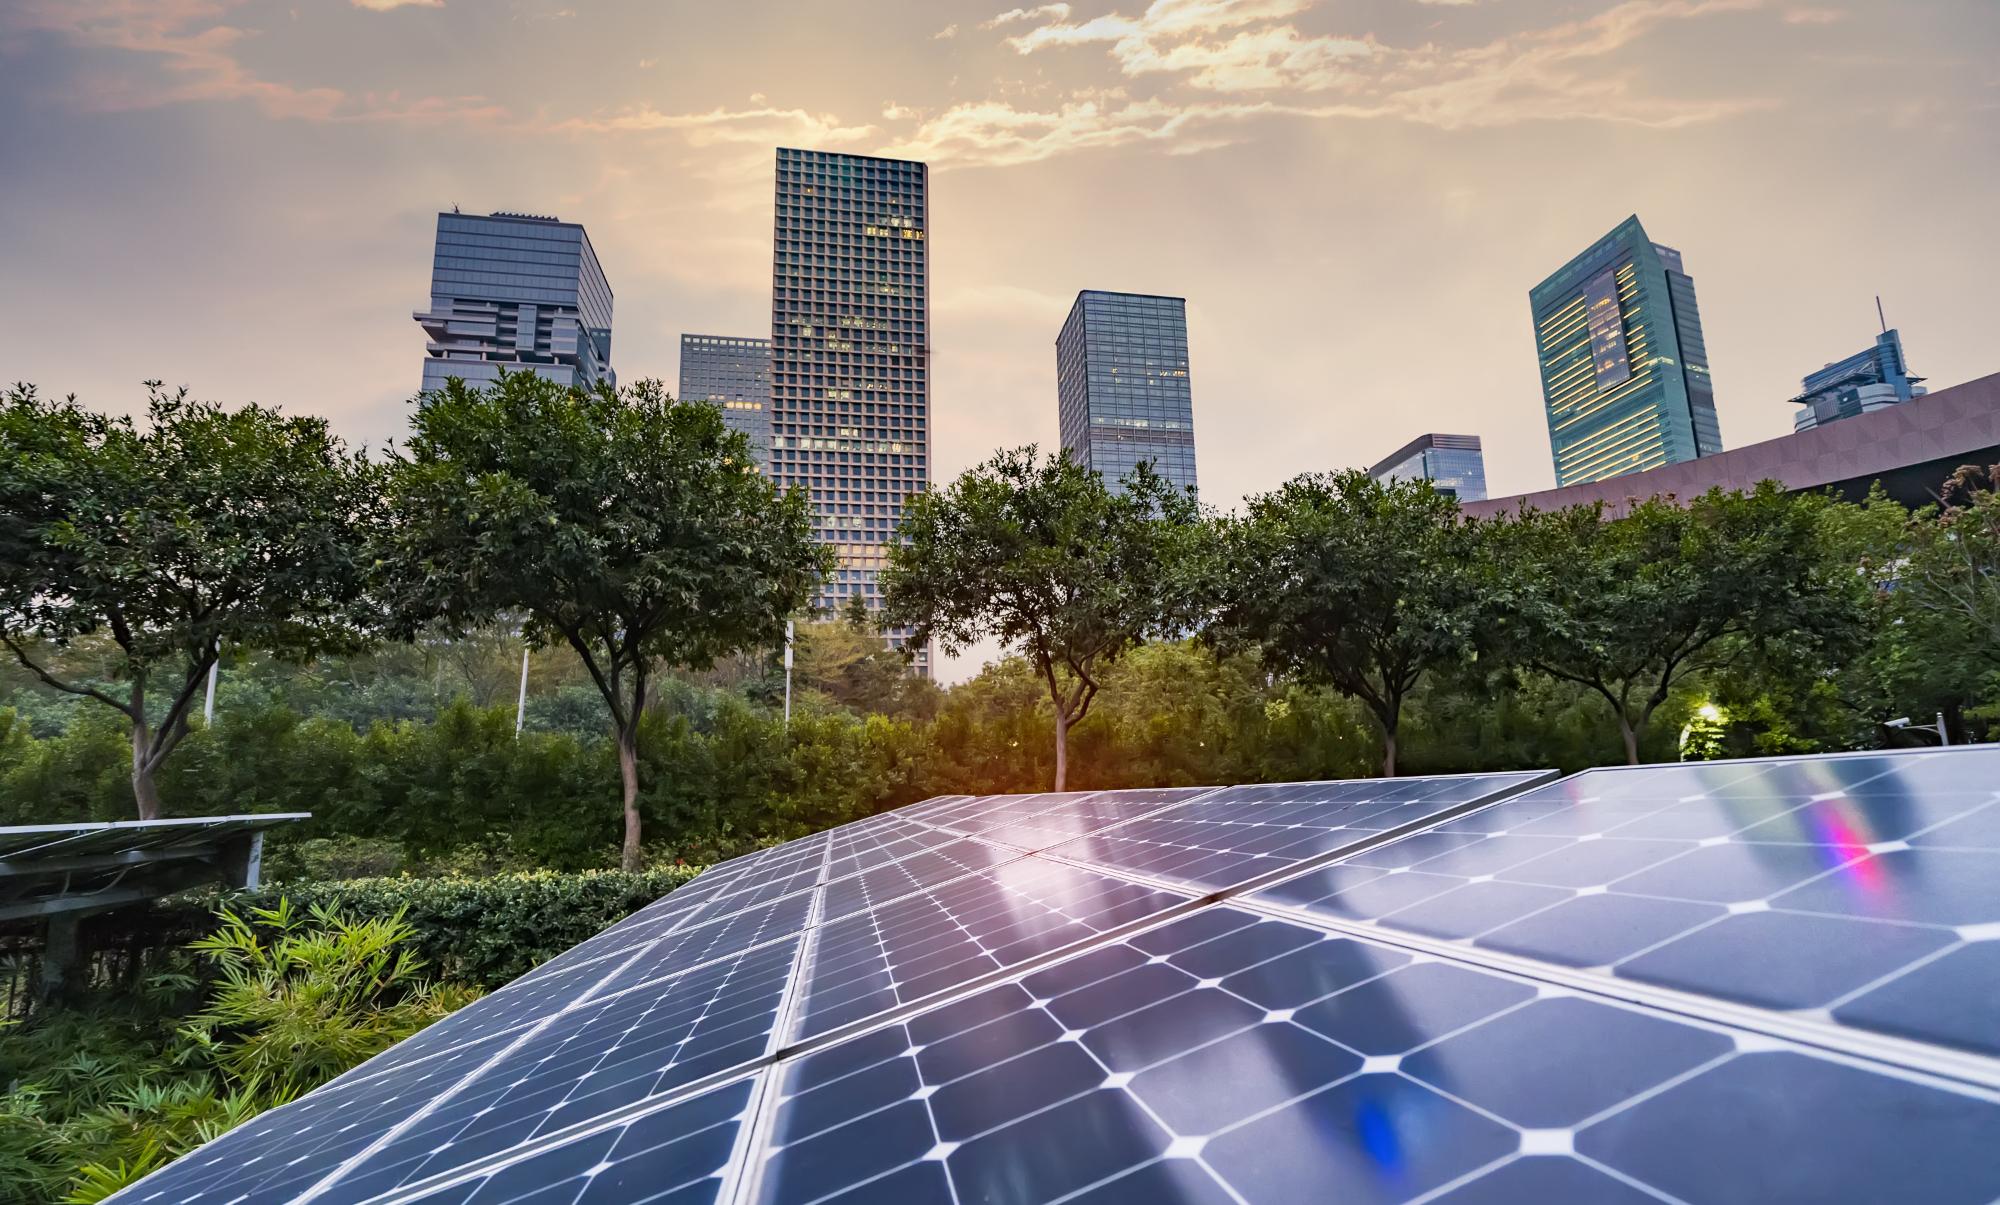 由于新冠期间的隔离,全球的太阳能板效率更高了